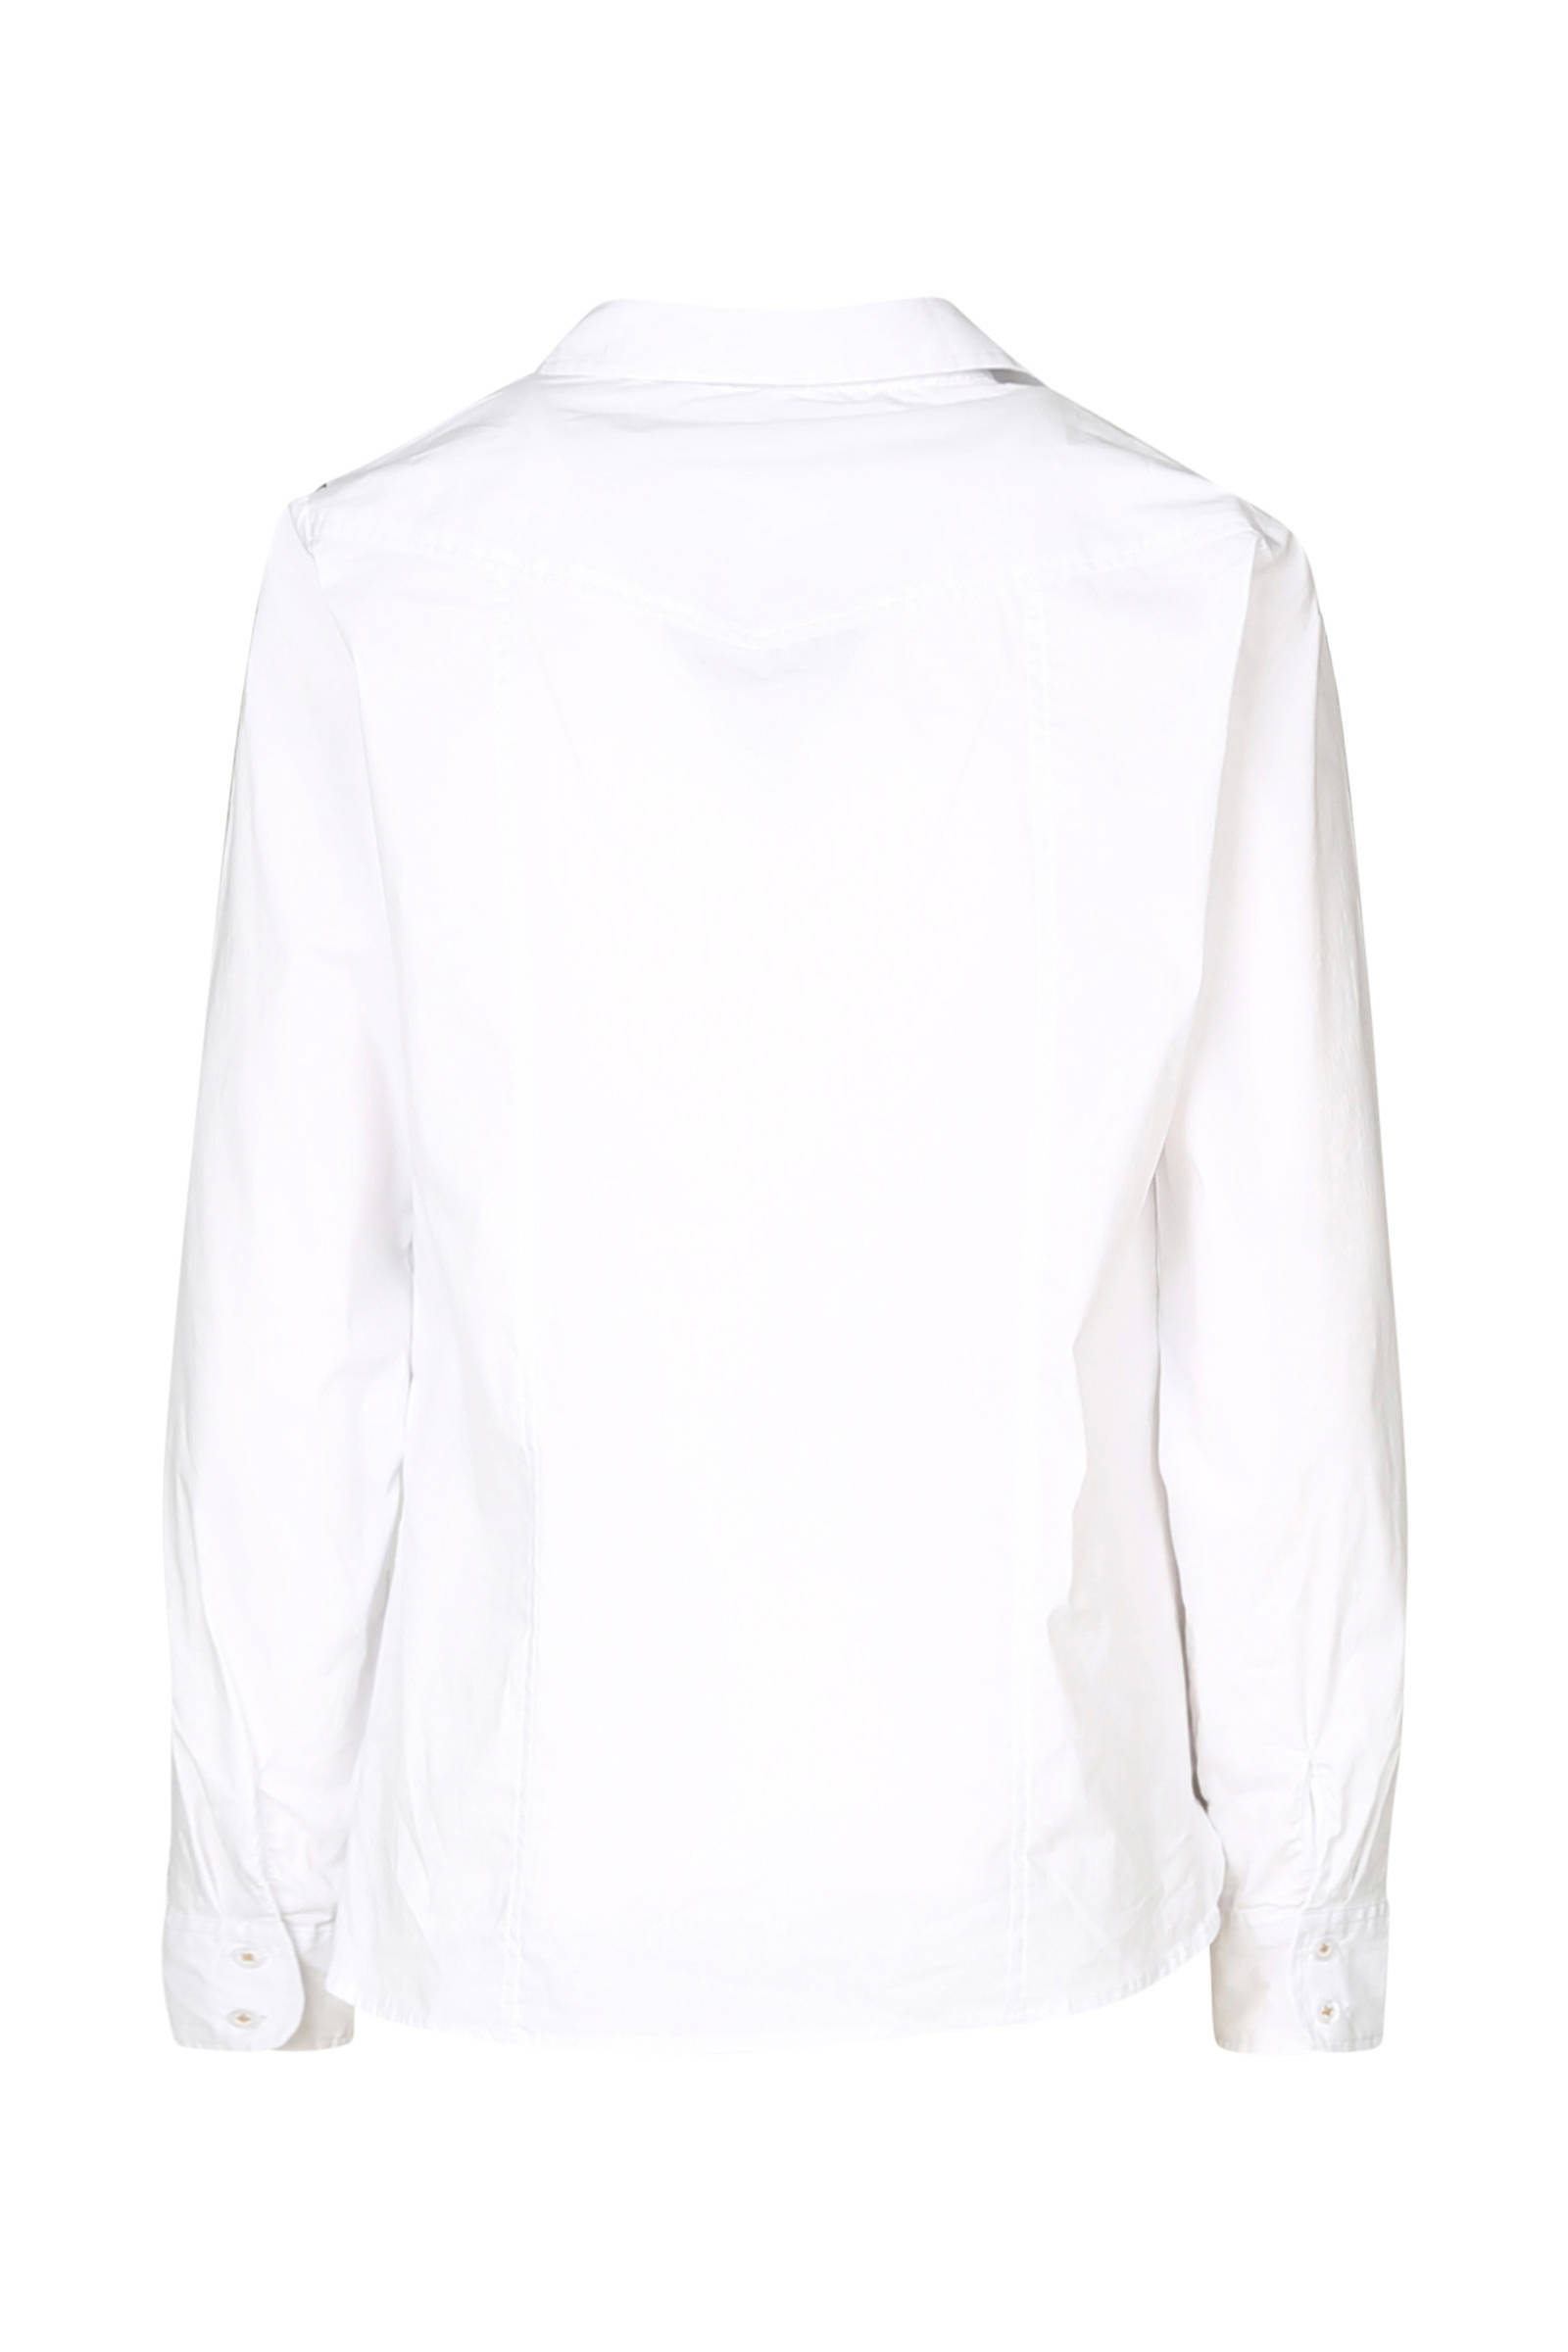 Cassis details panterprint blouse blouse met Cassis X04wUFqr0x